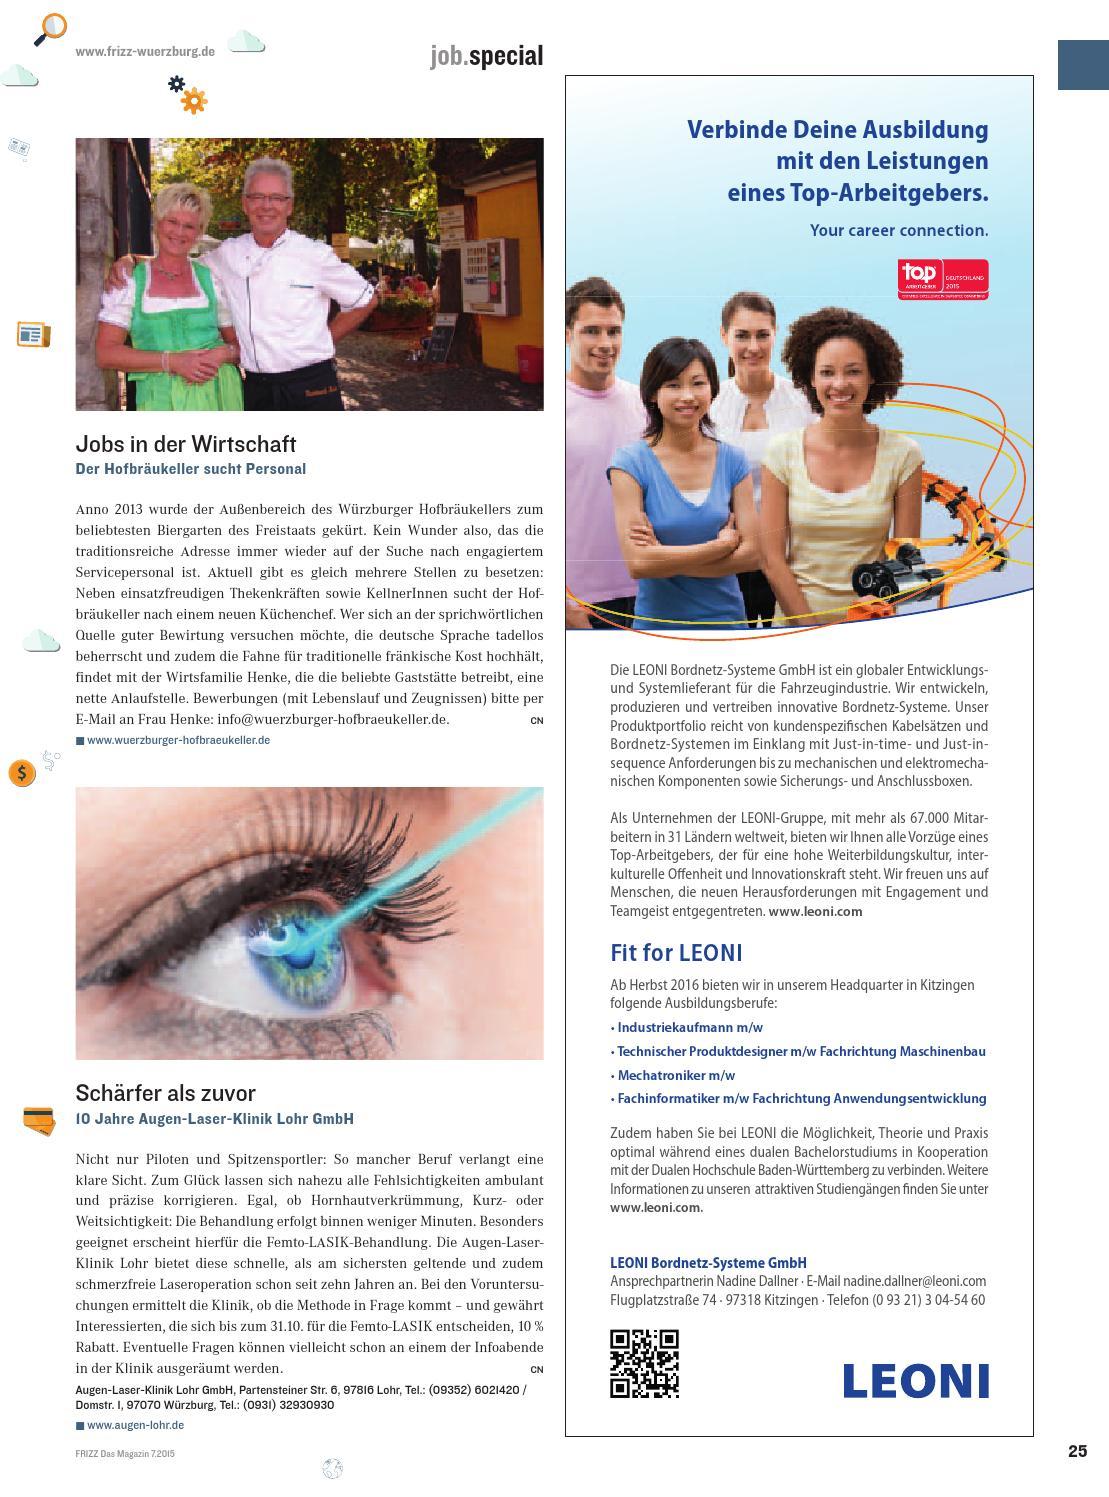 FRIZZ Das Magazin für Würzburg Juli 2015 by FRIZZ Das